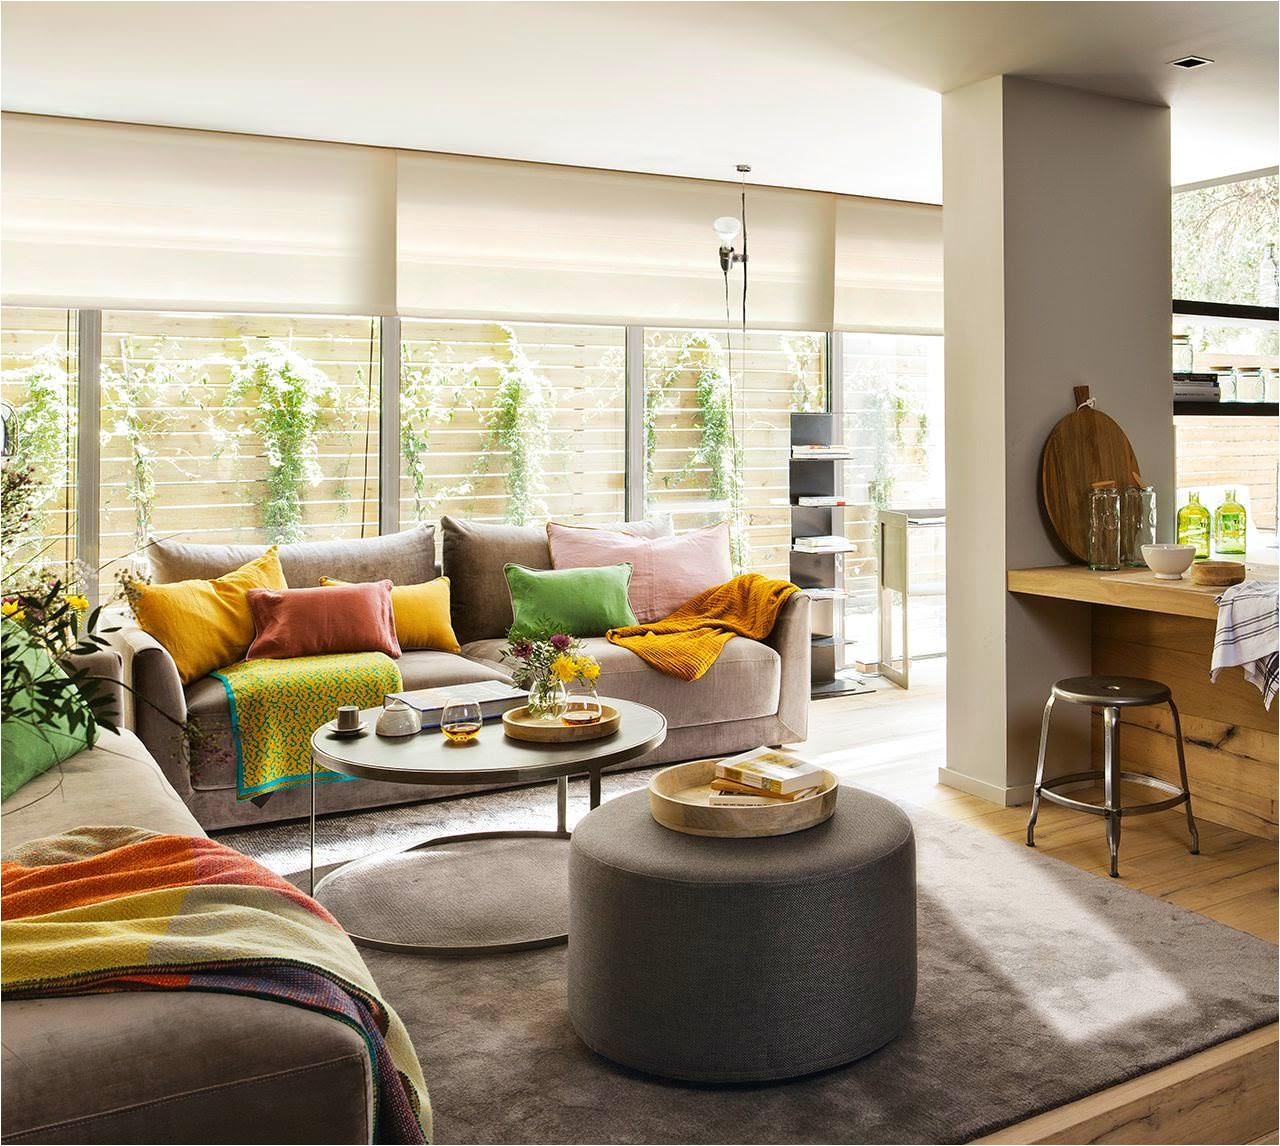 Decoracion Salas Comedores Espacios Pequeños Decoracin De Interiores Para Espacios Pequeos Muebles Funcionales